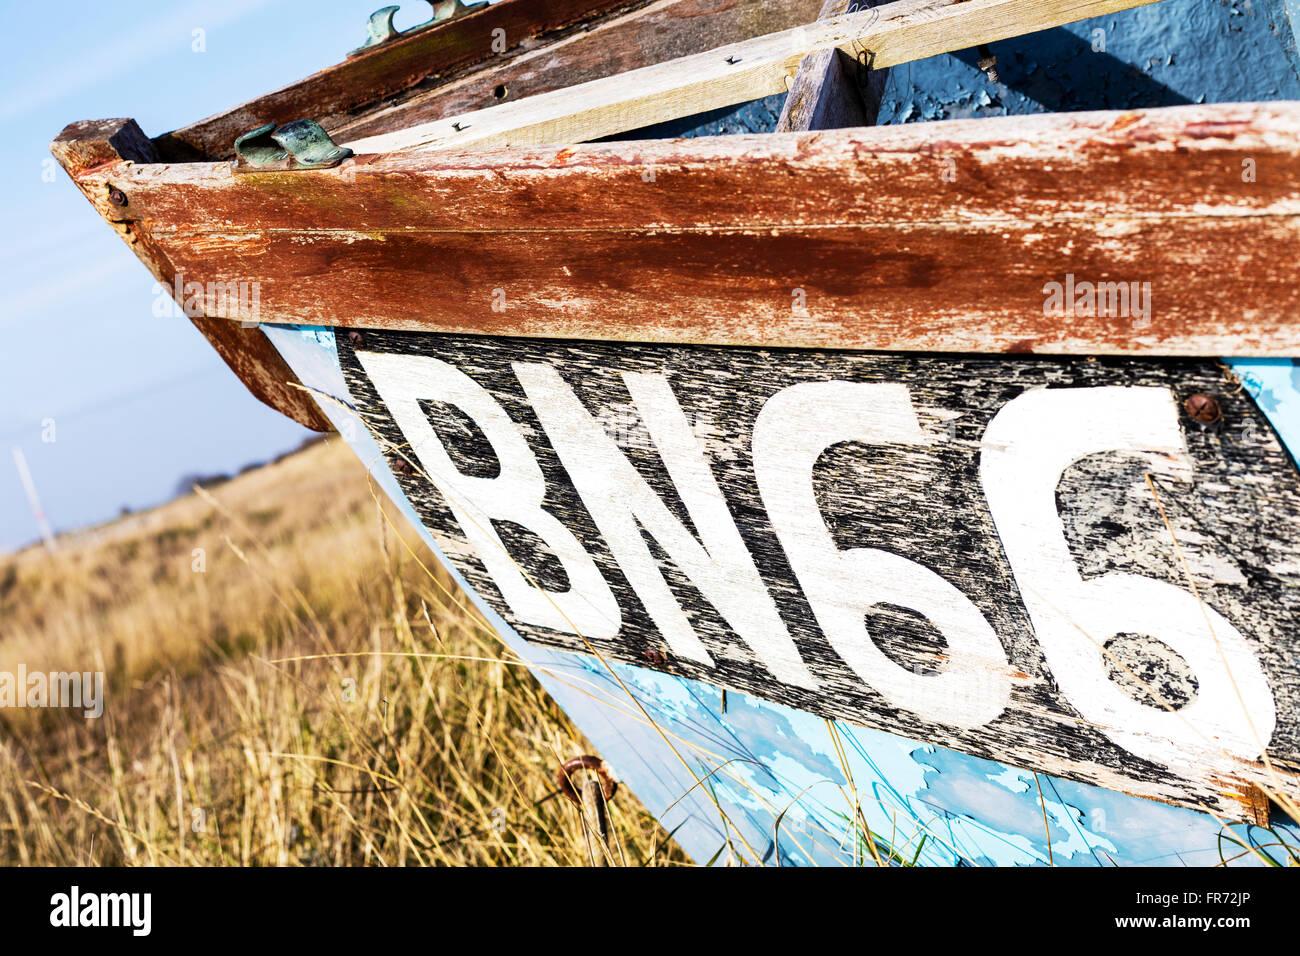 Boat vessel's registration number and validation decal Gibraltar Point Skegness Lincolnshire UK England BN66 - Stock Image